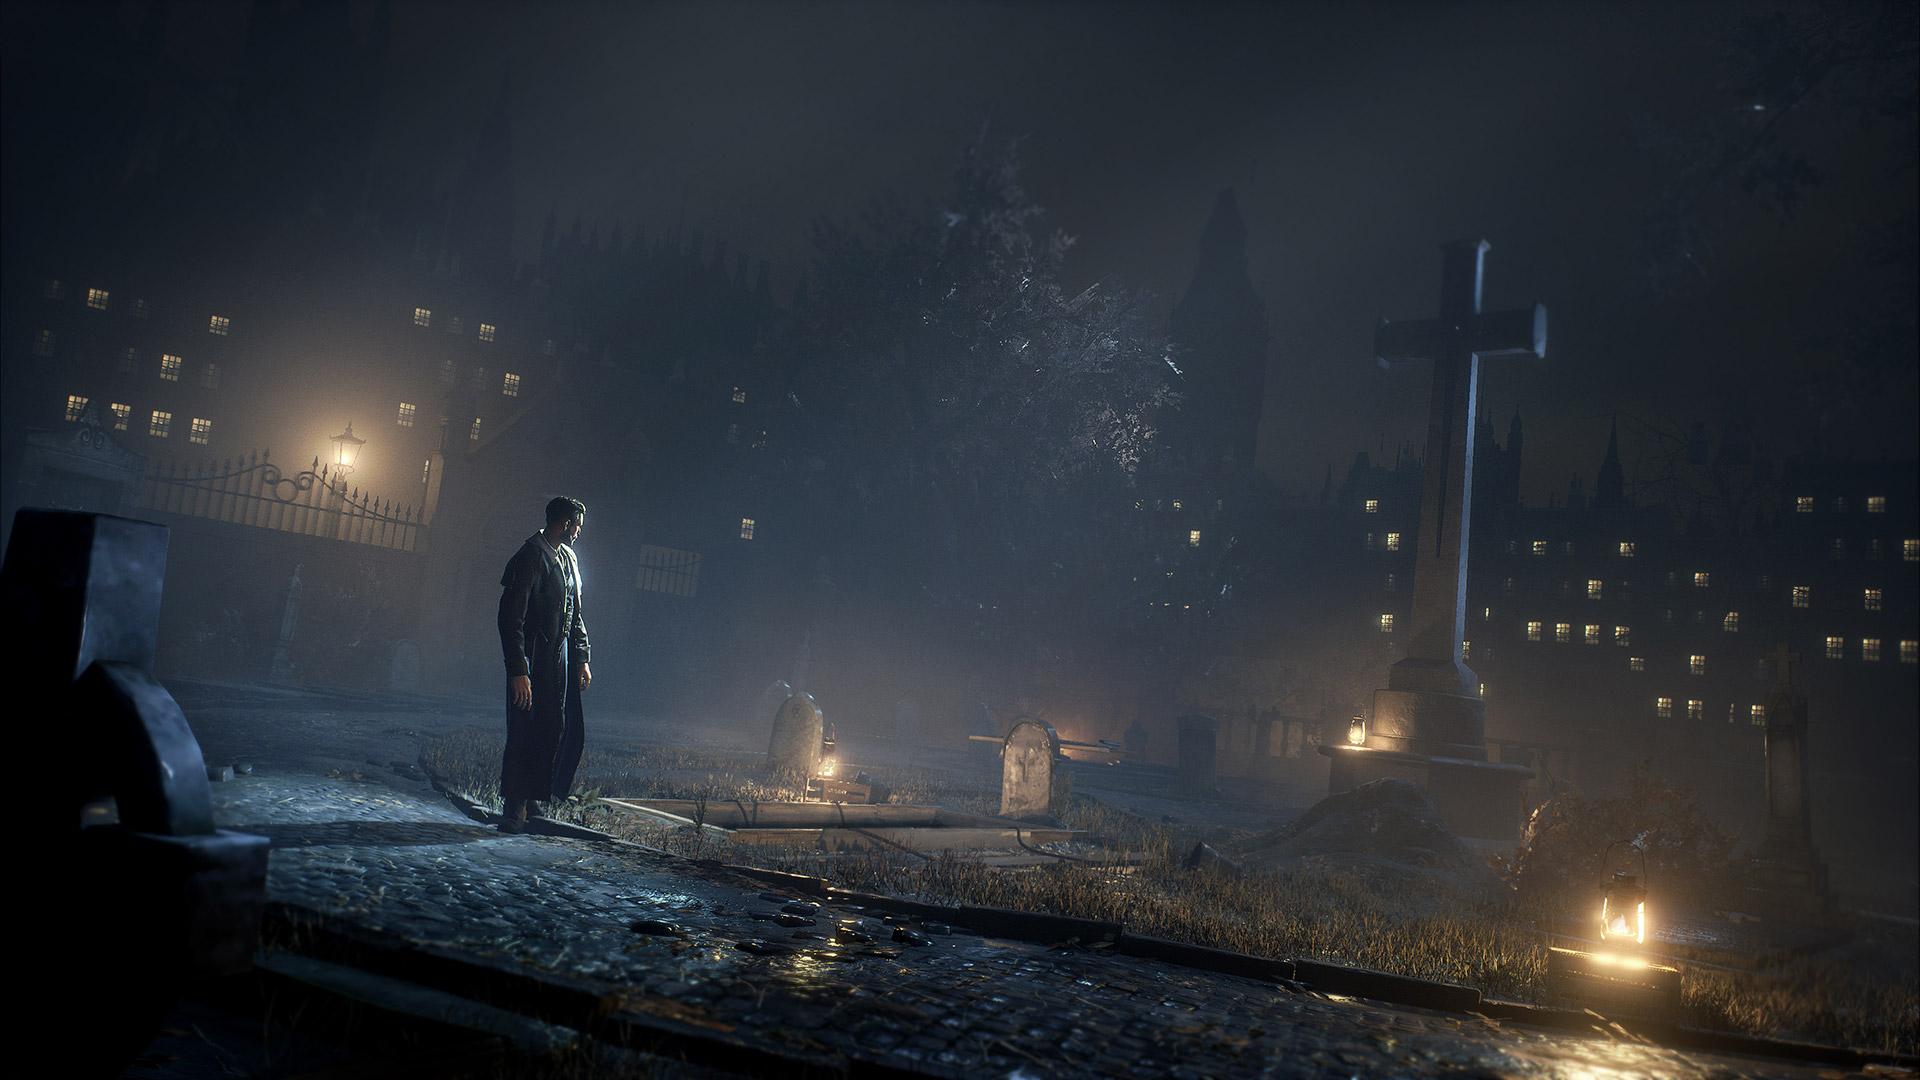 Este trailer de Vampyr resume la historia del juego pero a la vez no nos dice mucho [E3 2017]